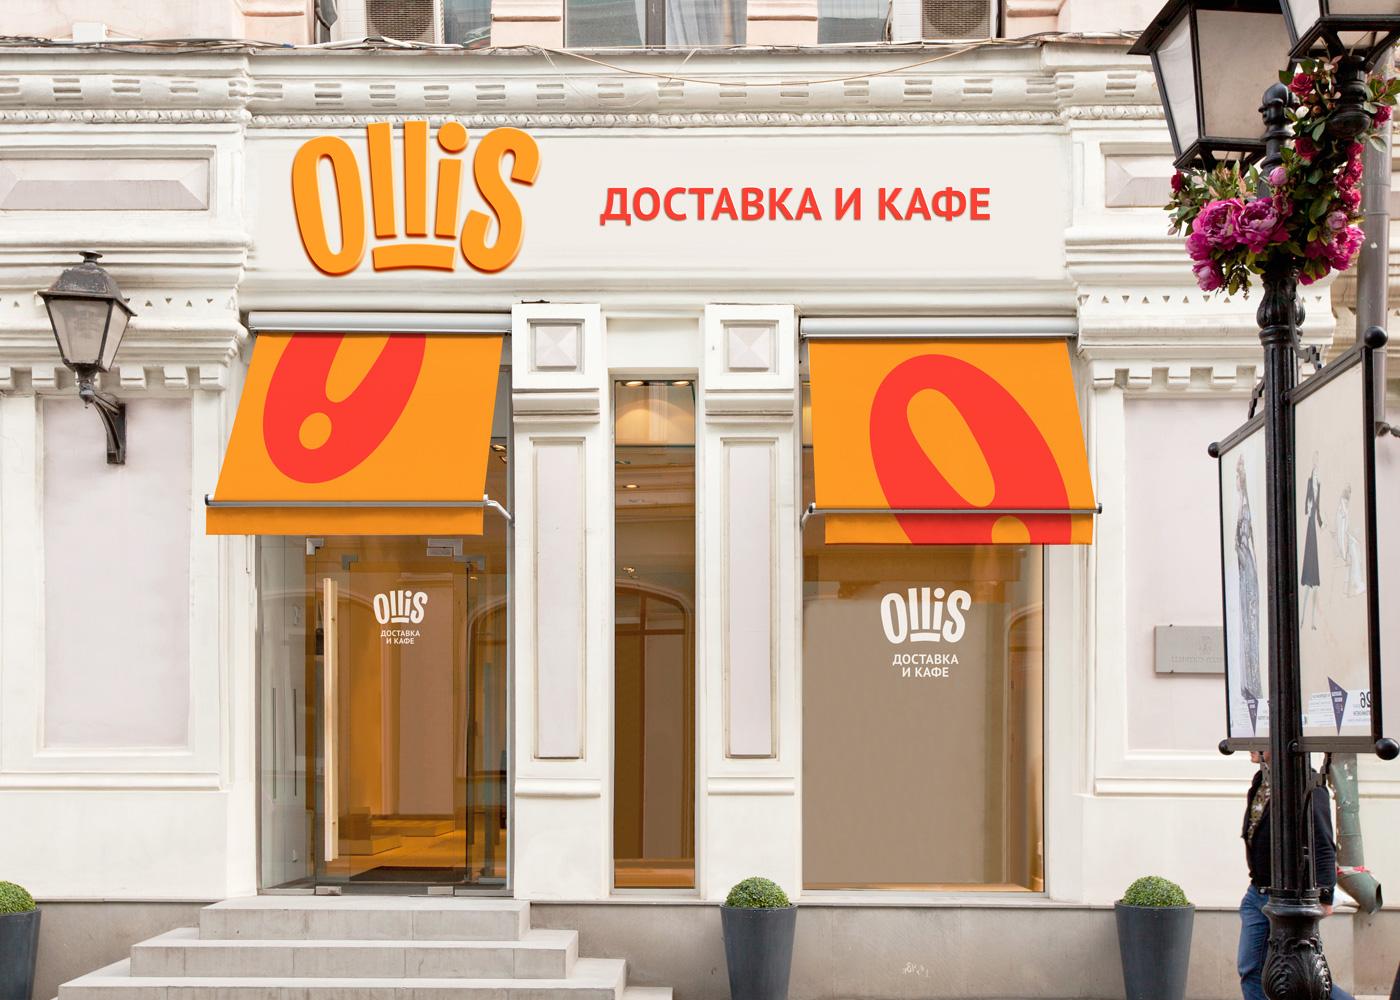 Оформление фасада ресторана Ollis с использованием новой айдентики бренда